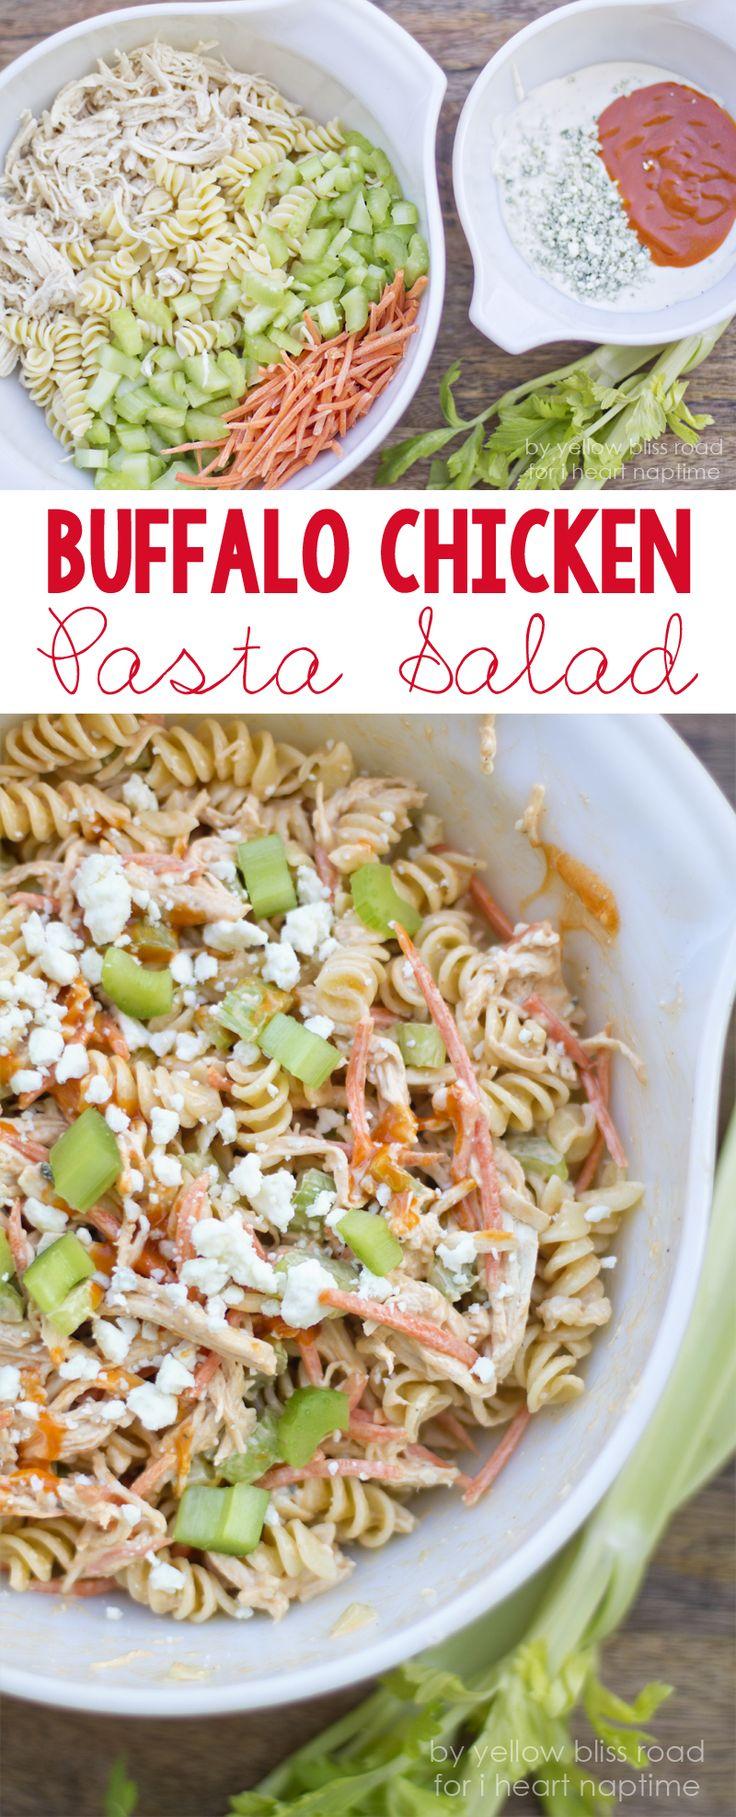 Buffalo Chicken Pasta Salad Recipe -yum!! #sidedish